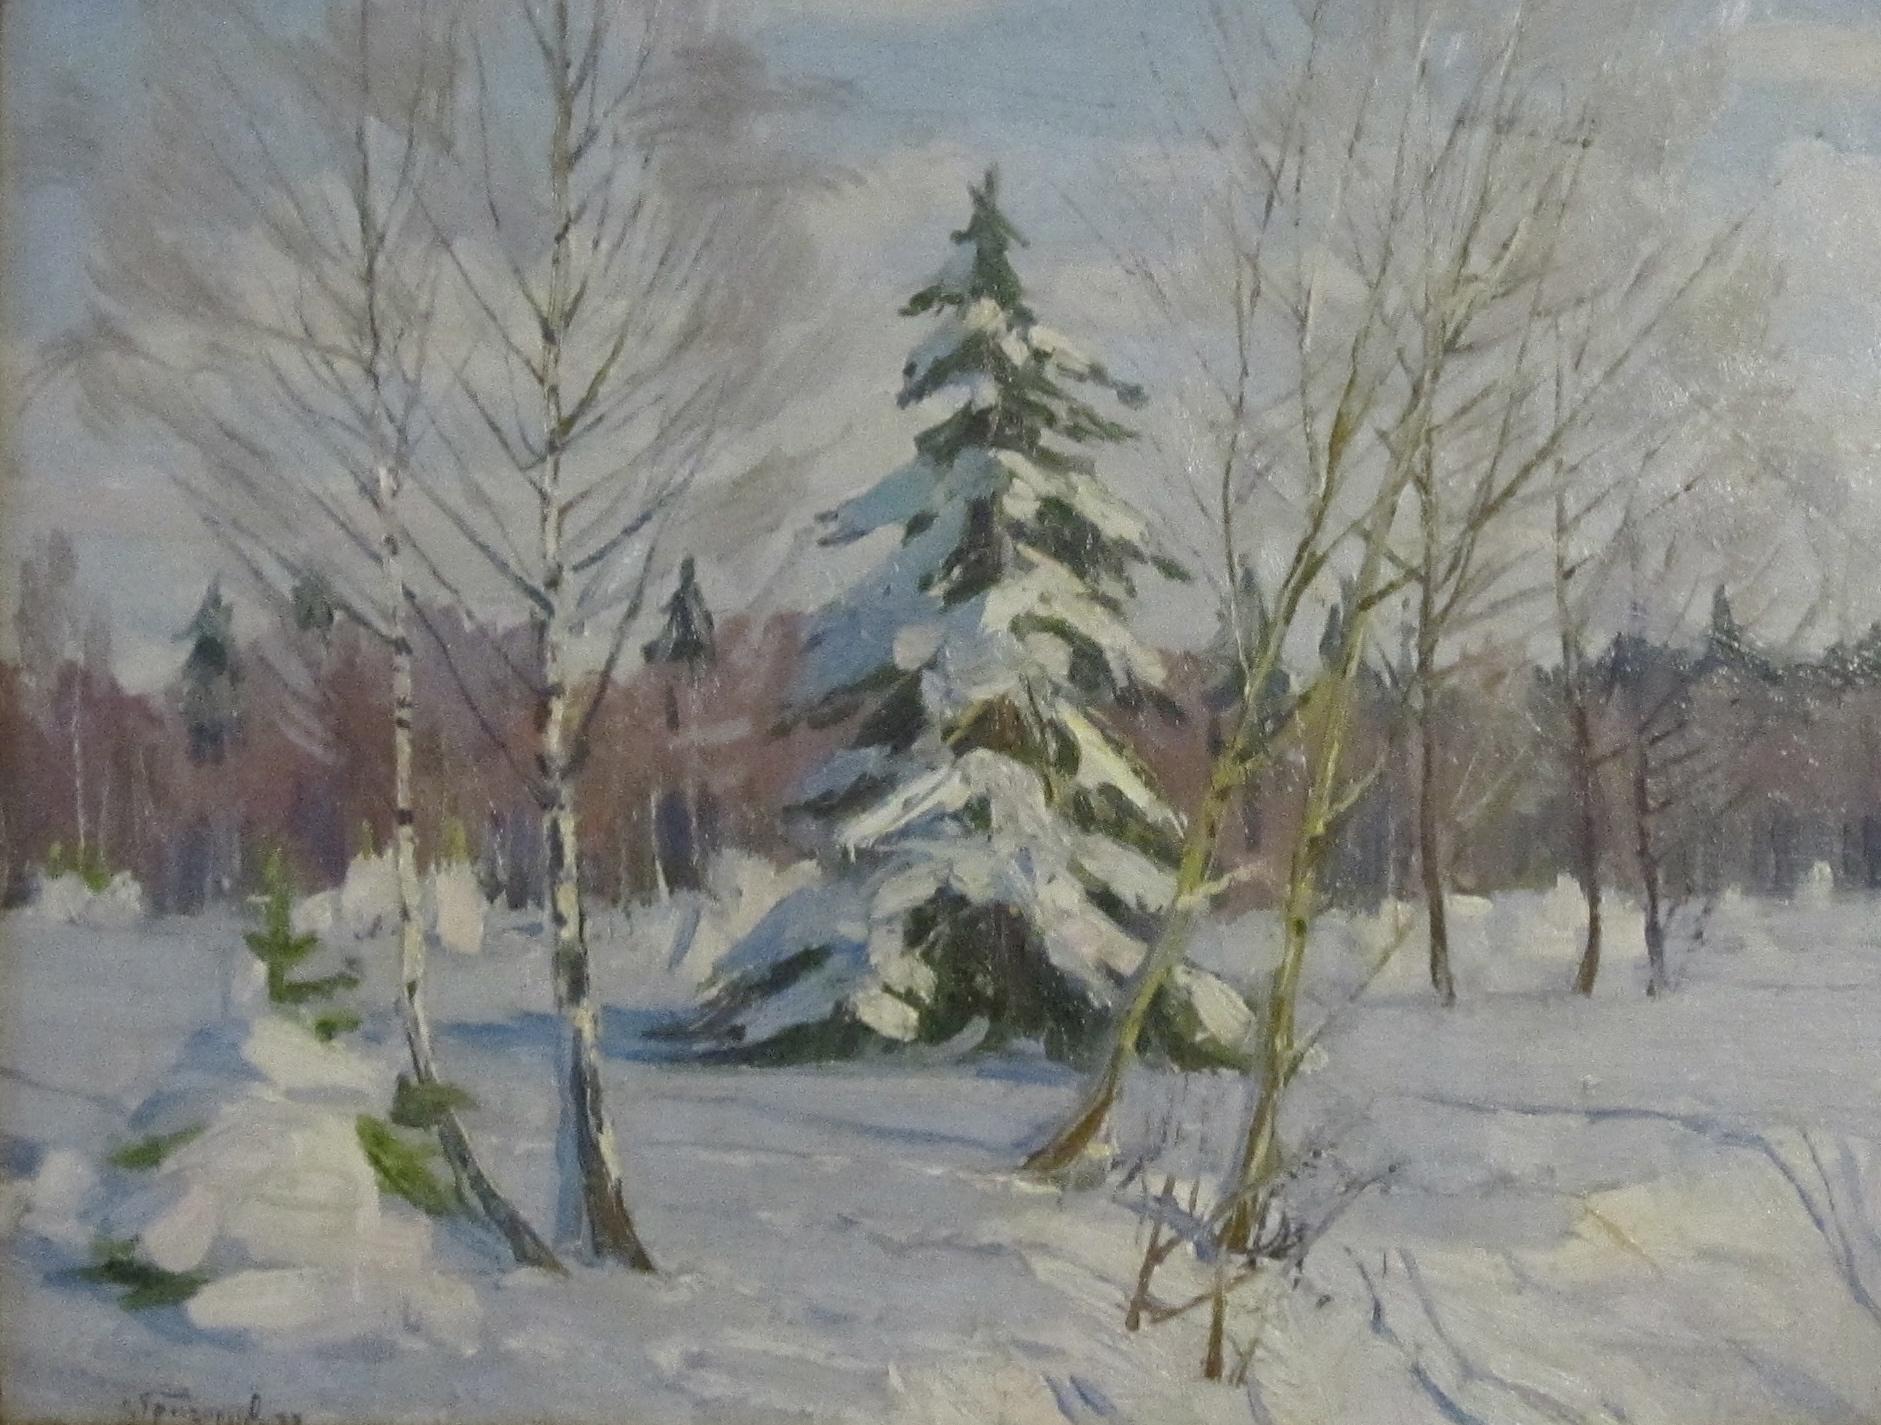 Григорьев Сергей Алексеевич. Русская зима.